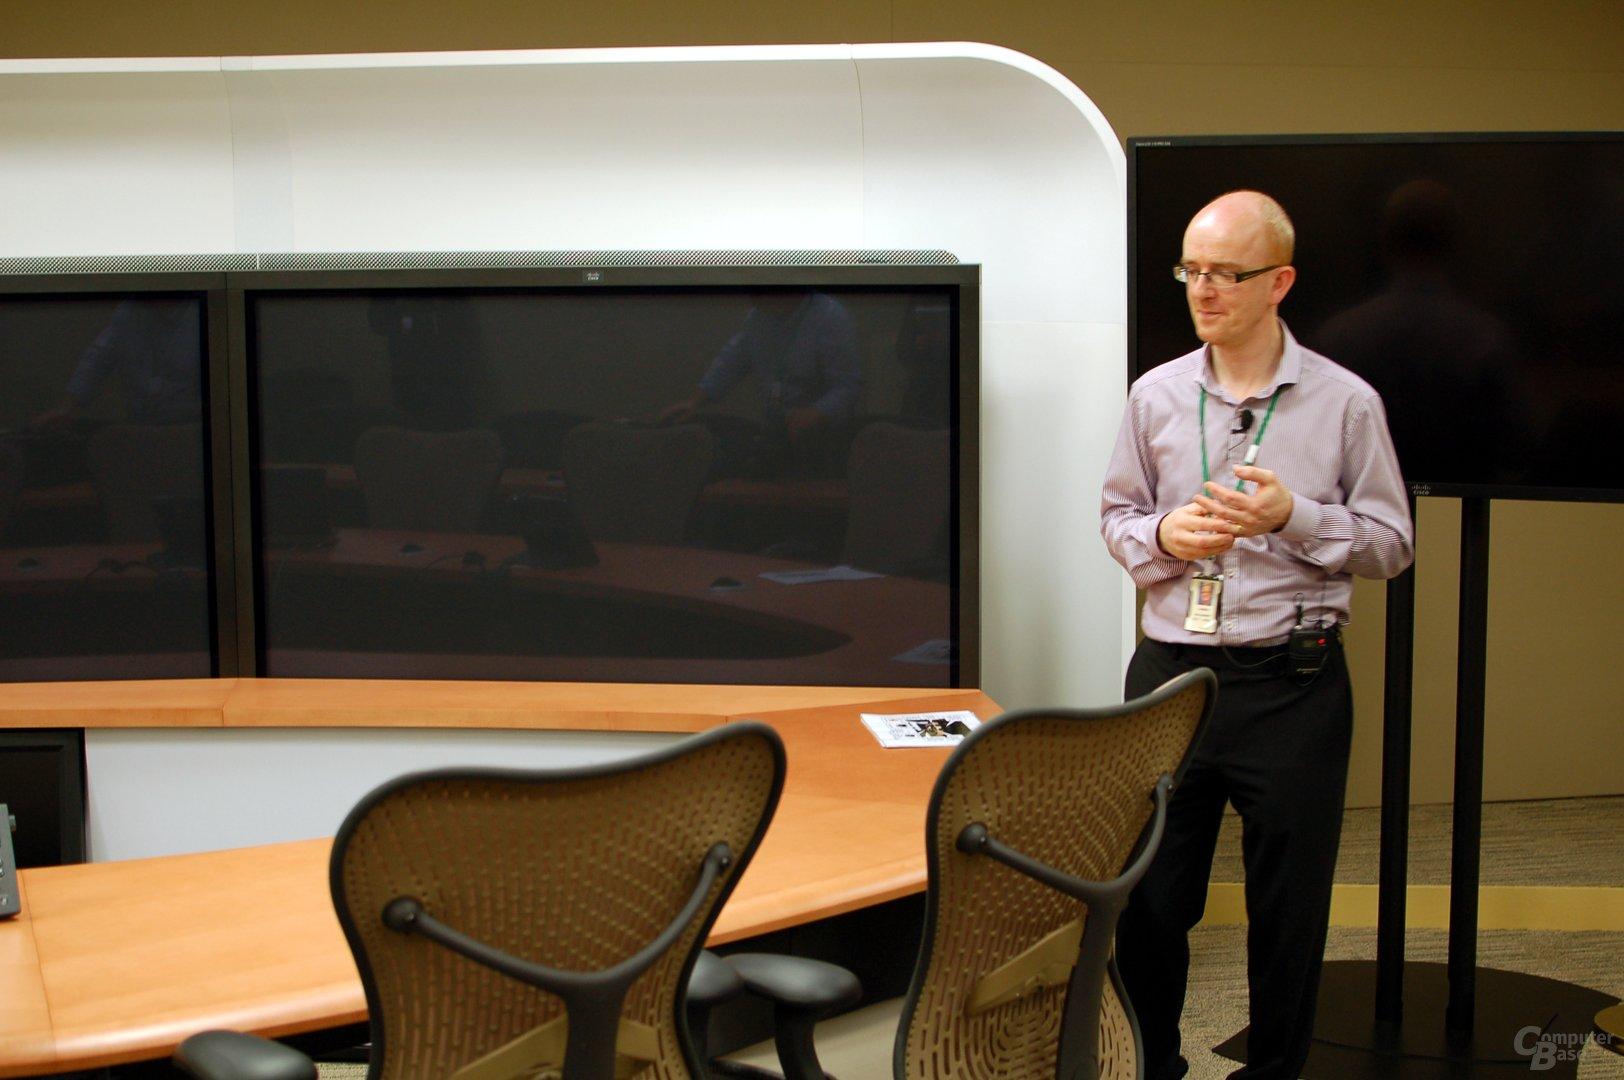 Damian Gallagher im Videokonferenzraum